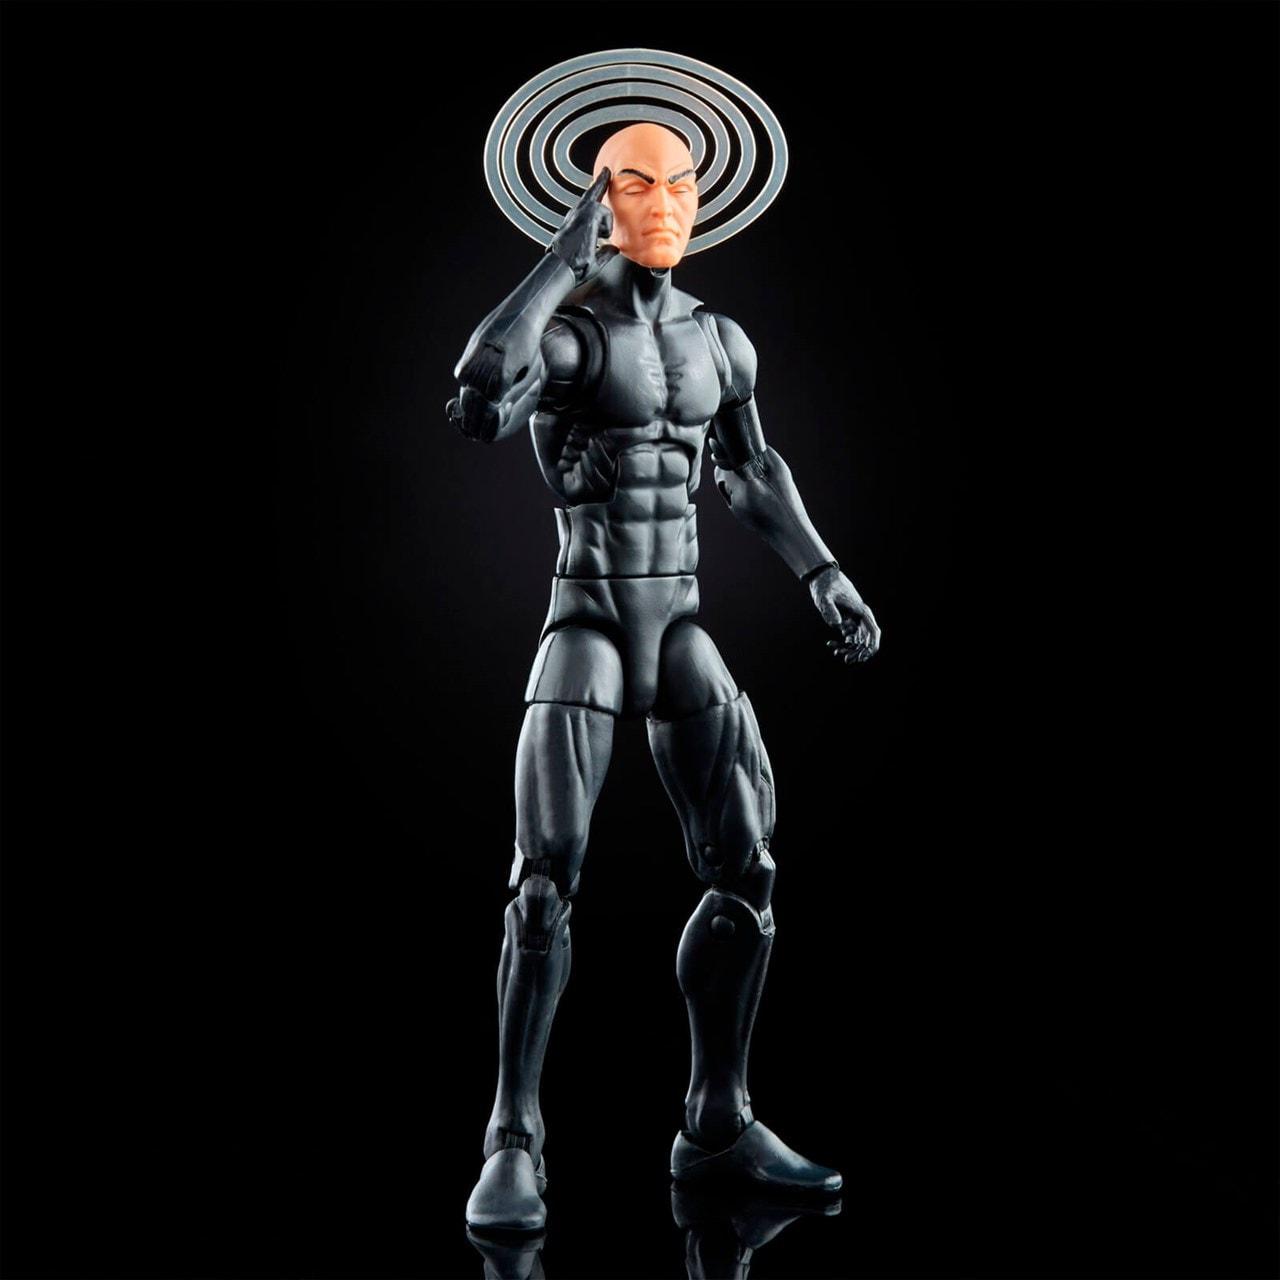 Marvel Legends Series X-Men Professor X Action Figure - 2